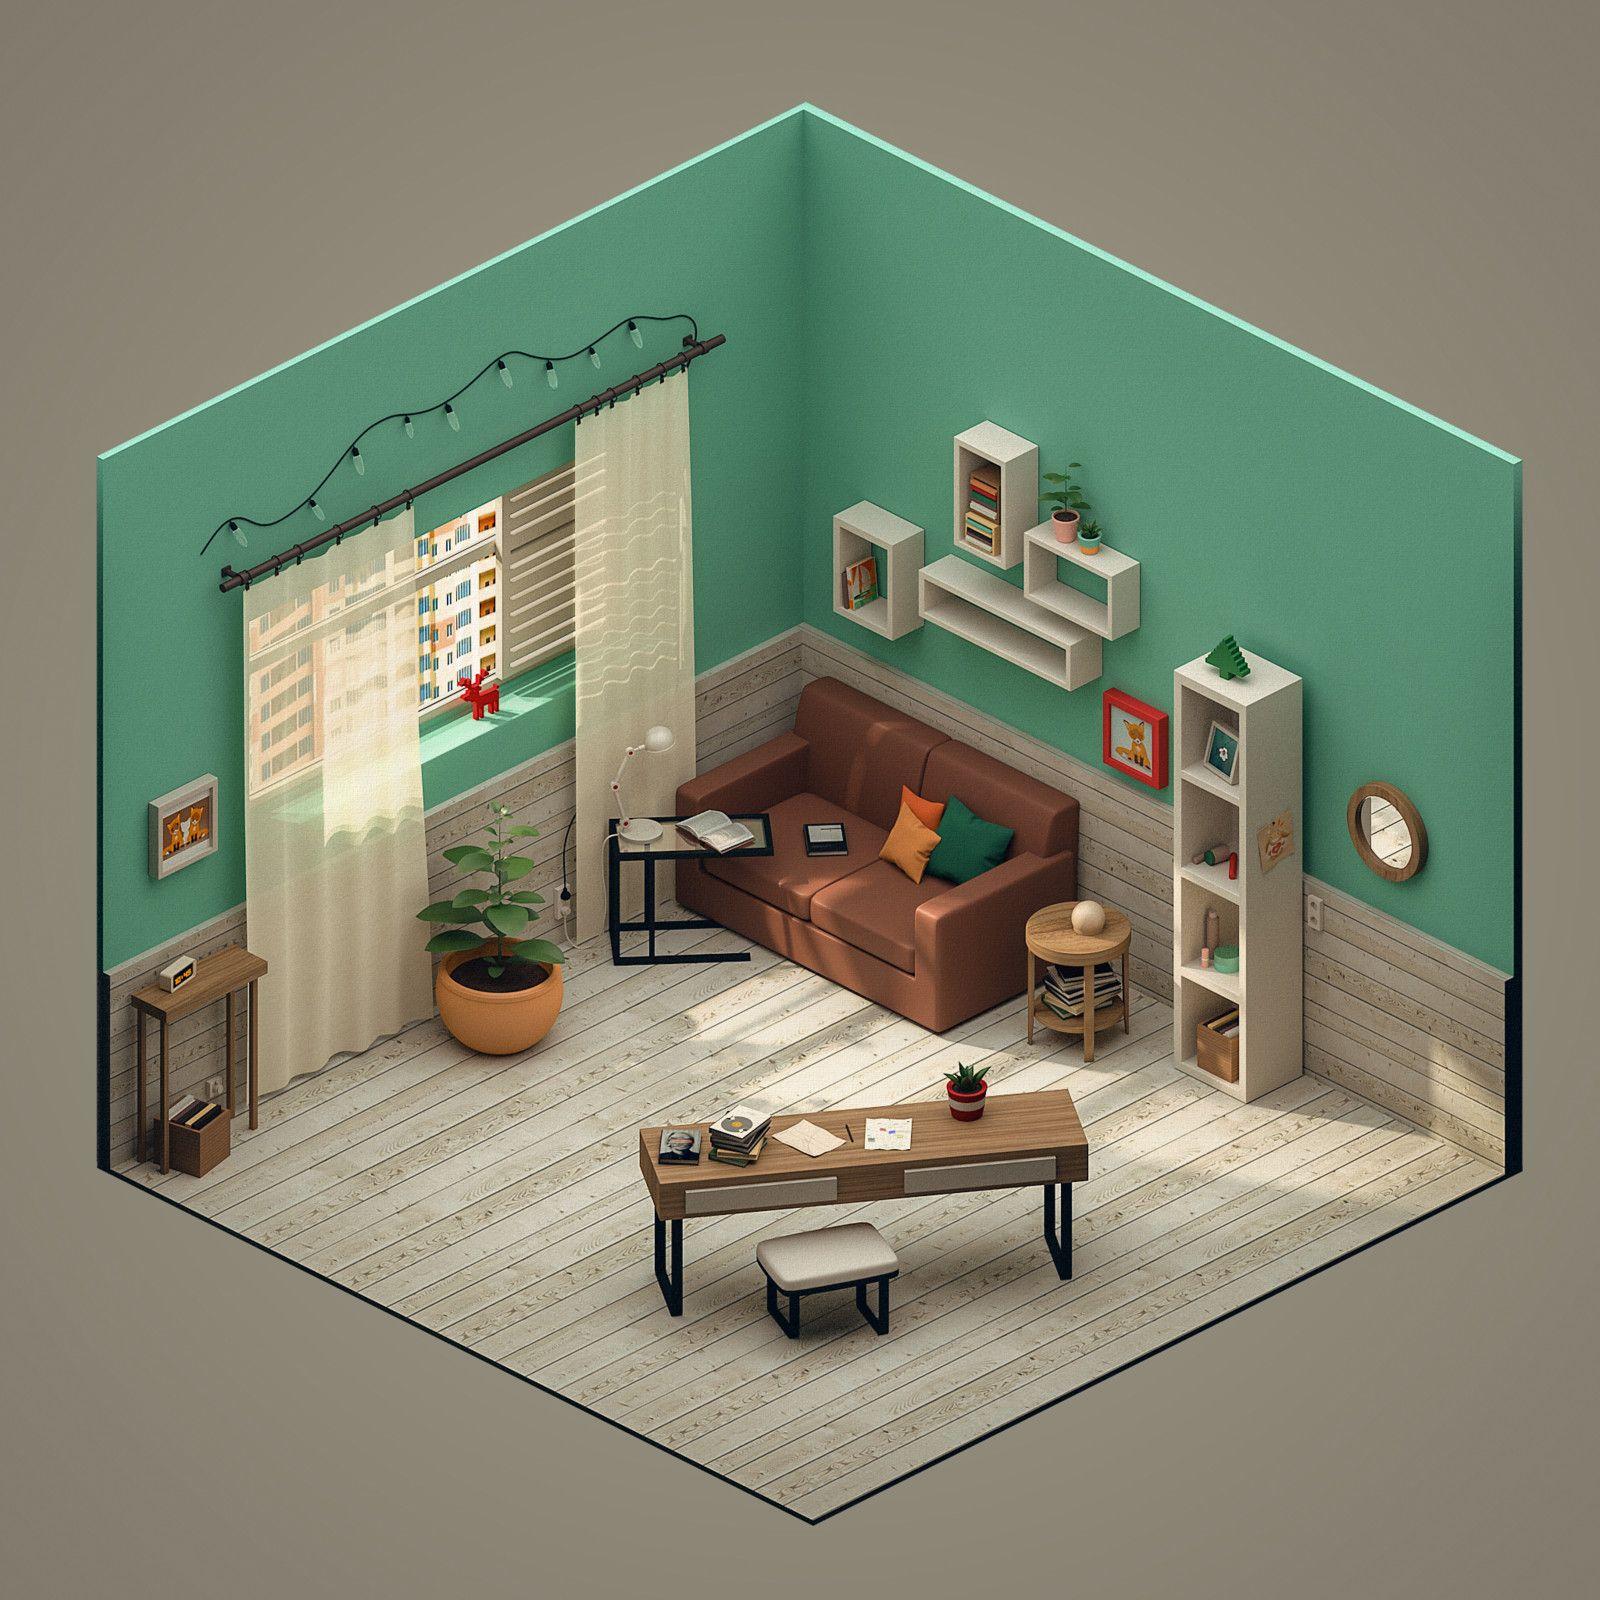 Isometric 3D Room, Polina Leskova On ArtStation At Https